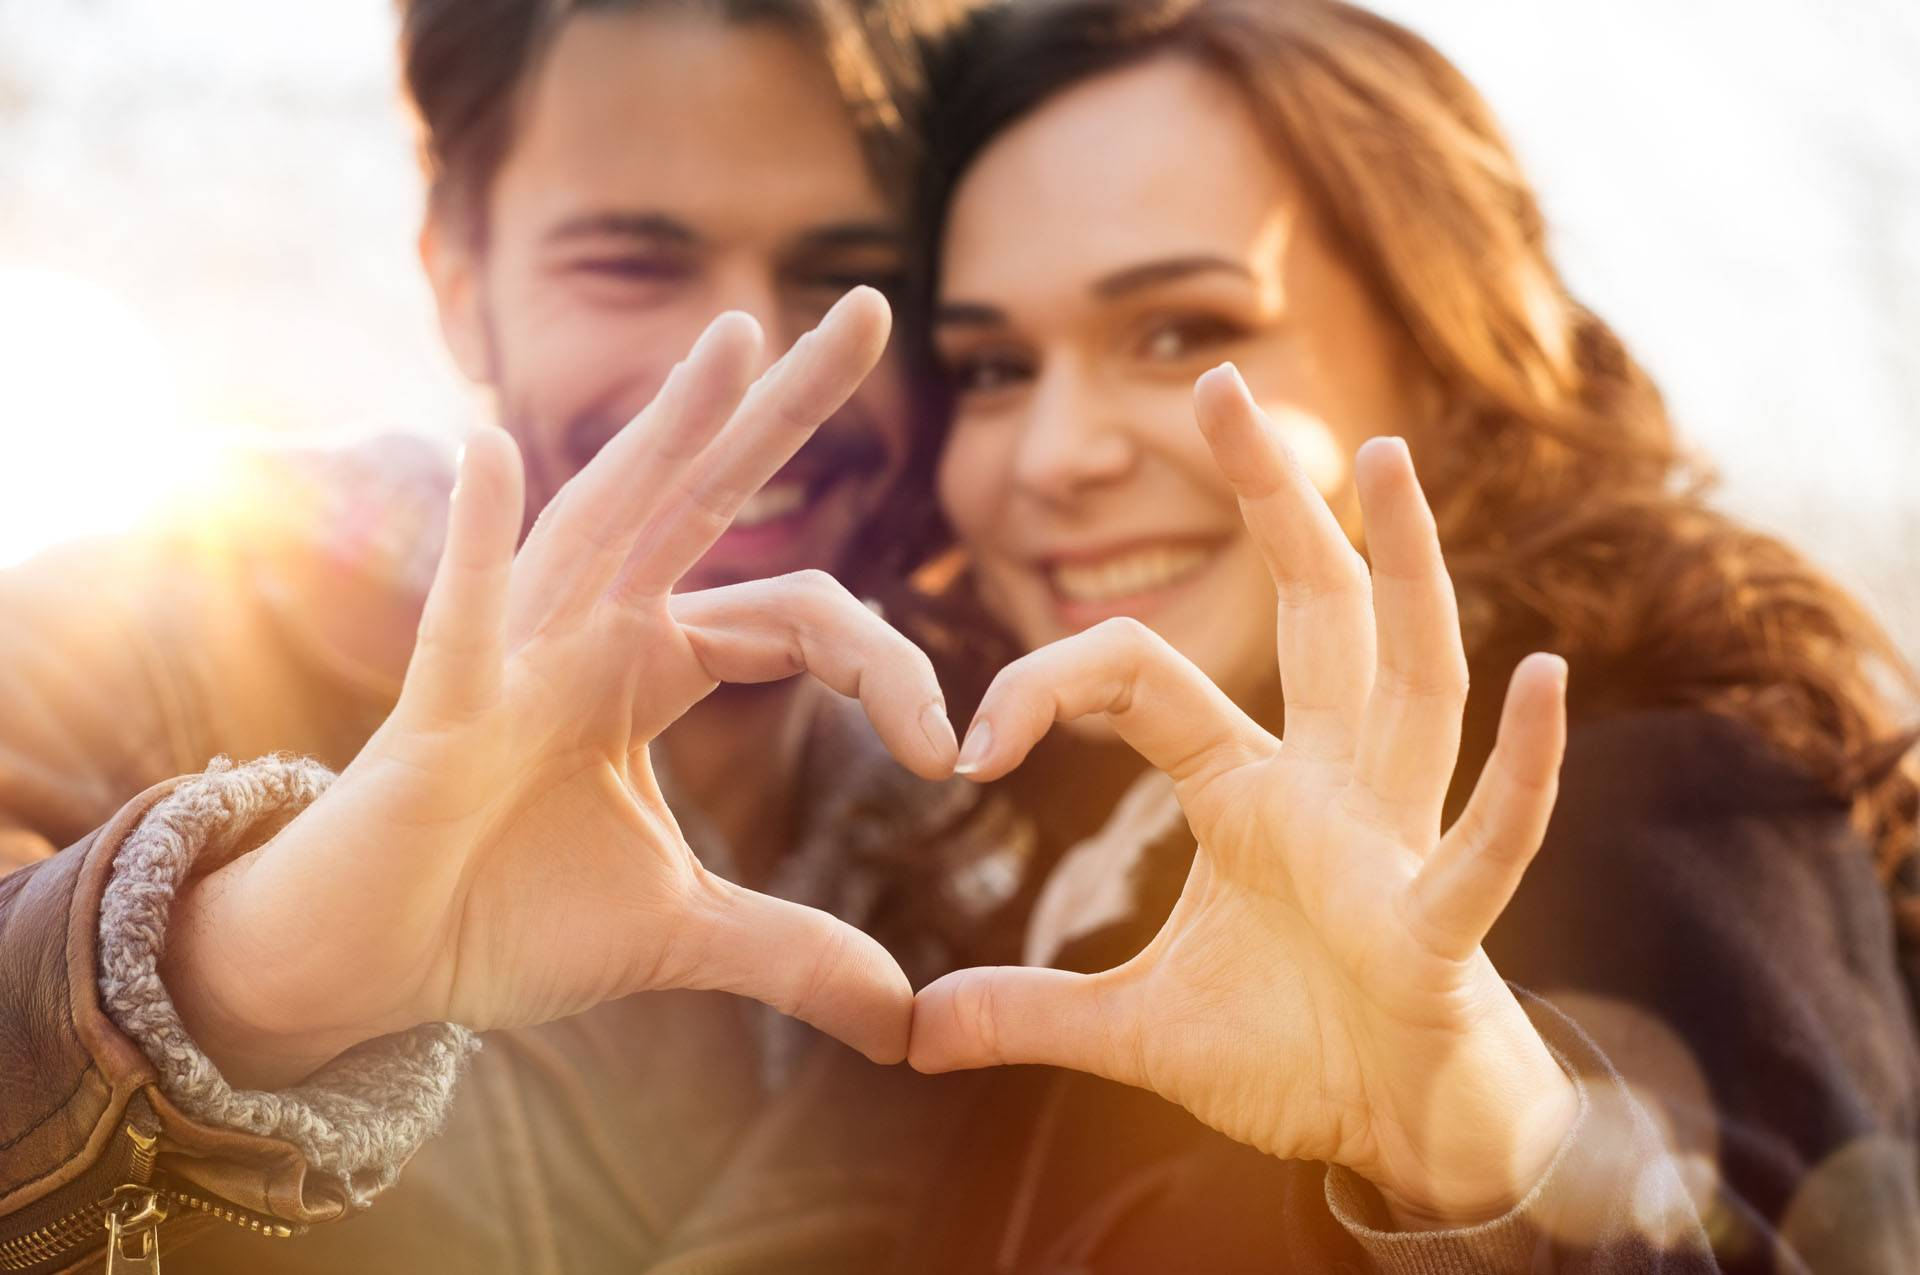 Любовь к себе с чего начать женщине, 8 рекомендаций психологов. как женщине научиться любить себя: особенности и рекомендации.